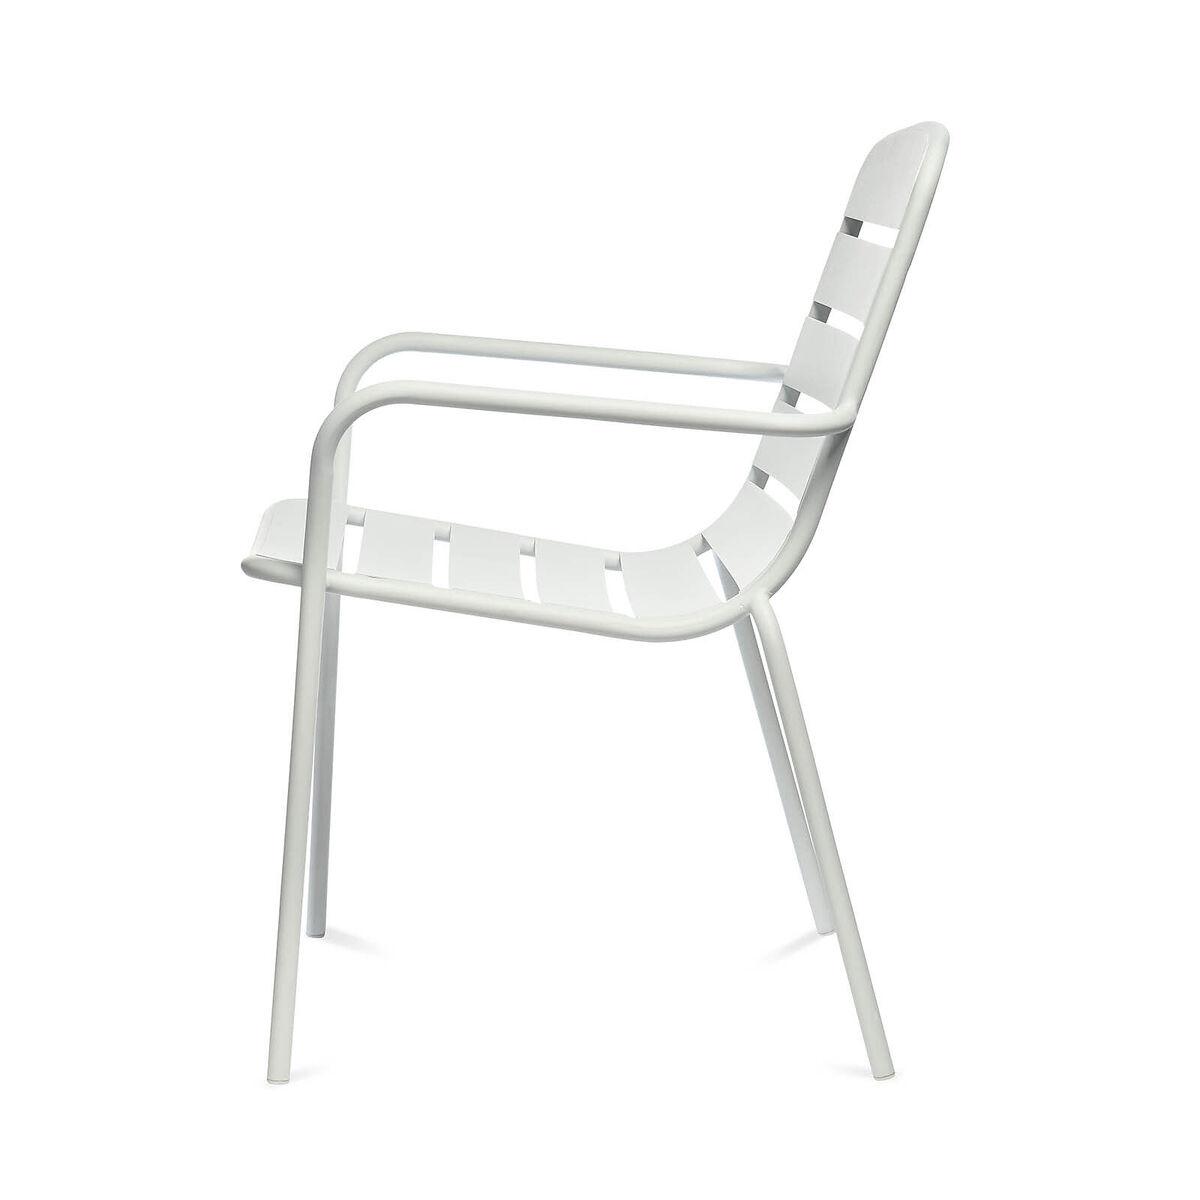 Bild 3 von Gartenstuhl mit Armlehnen, Aluminium, 56x63,5x84cm, weiß